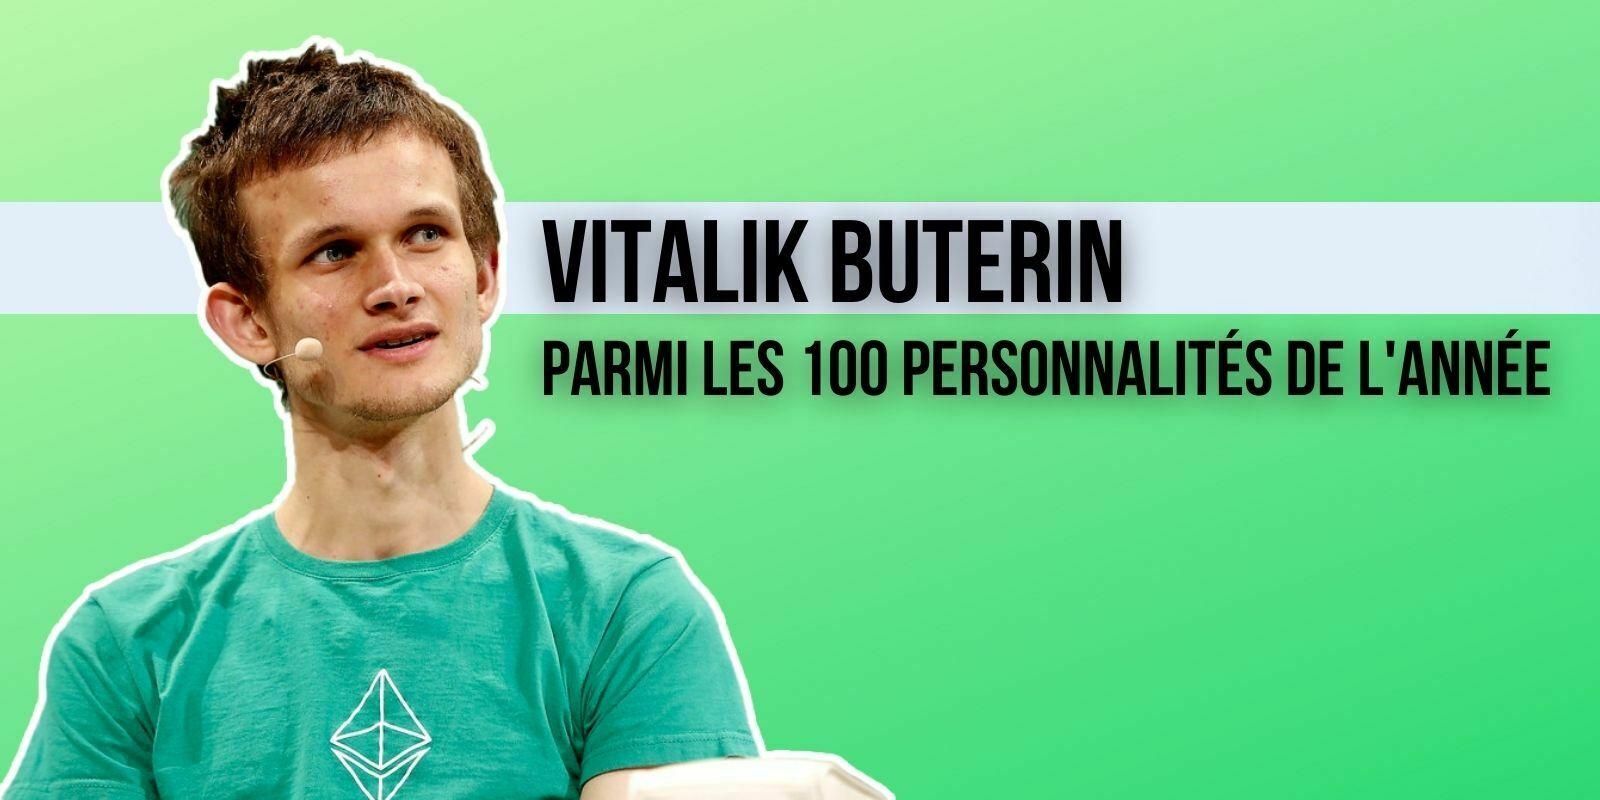 Vitalik Buterin est l'une des 100 personnalités les plus influentes de 2021 selon Time Magazine